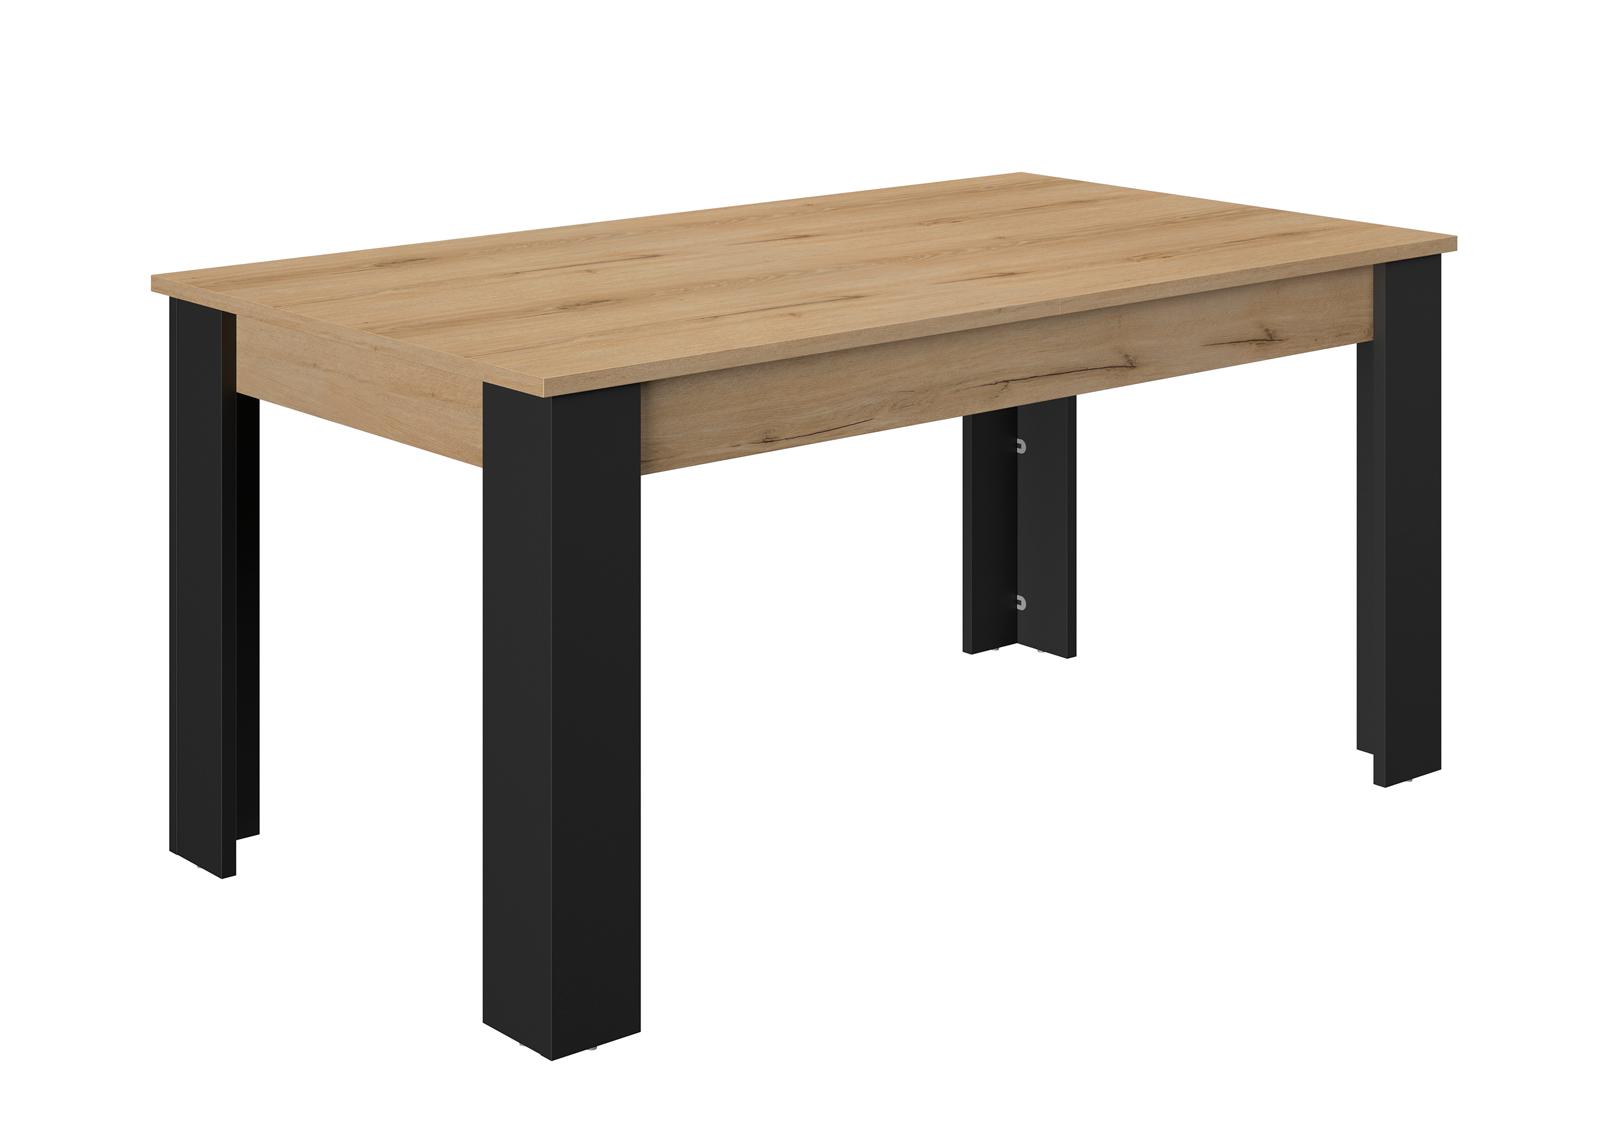 Jatkettava ruokapöytä Trendteam 160-200x90 cmTrust 160/200x90 cm